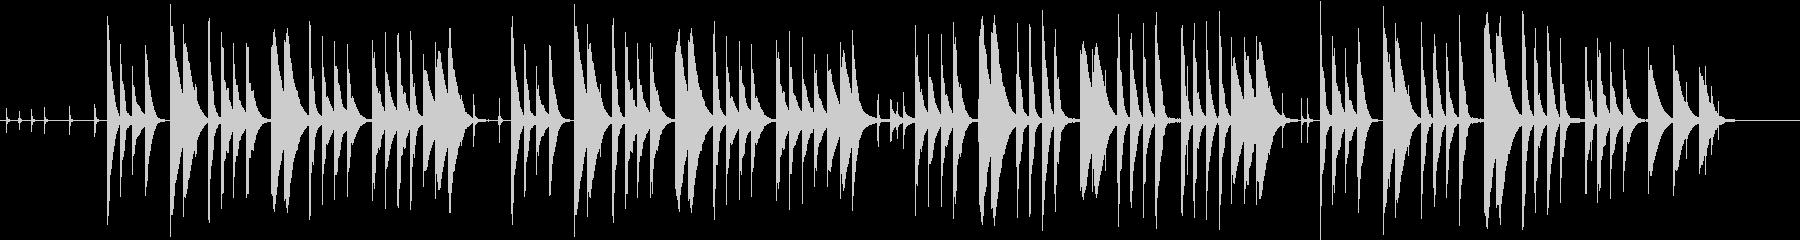 とぼけた感じののんびりした曲の未再生の波形